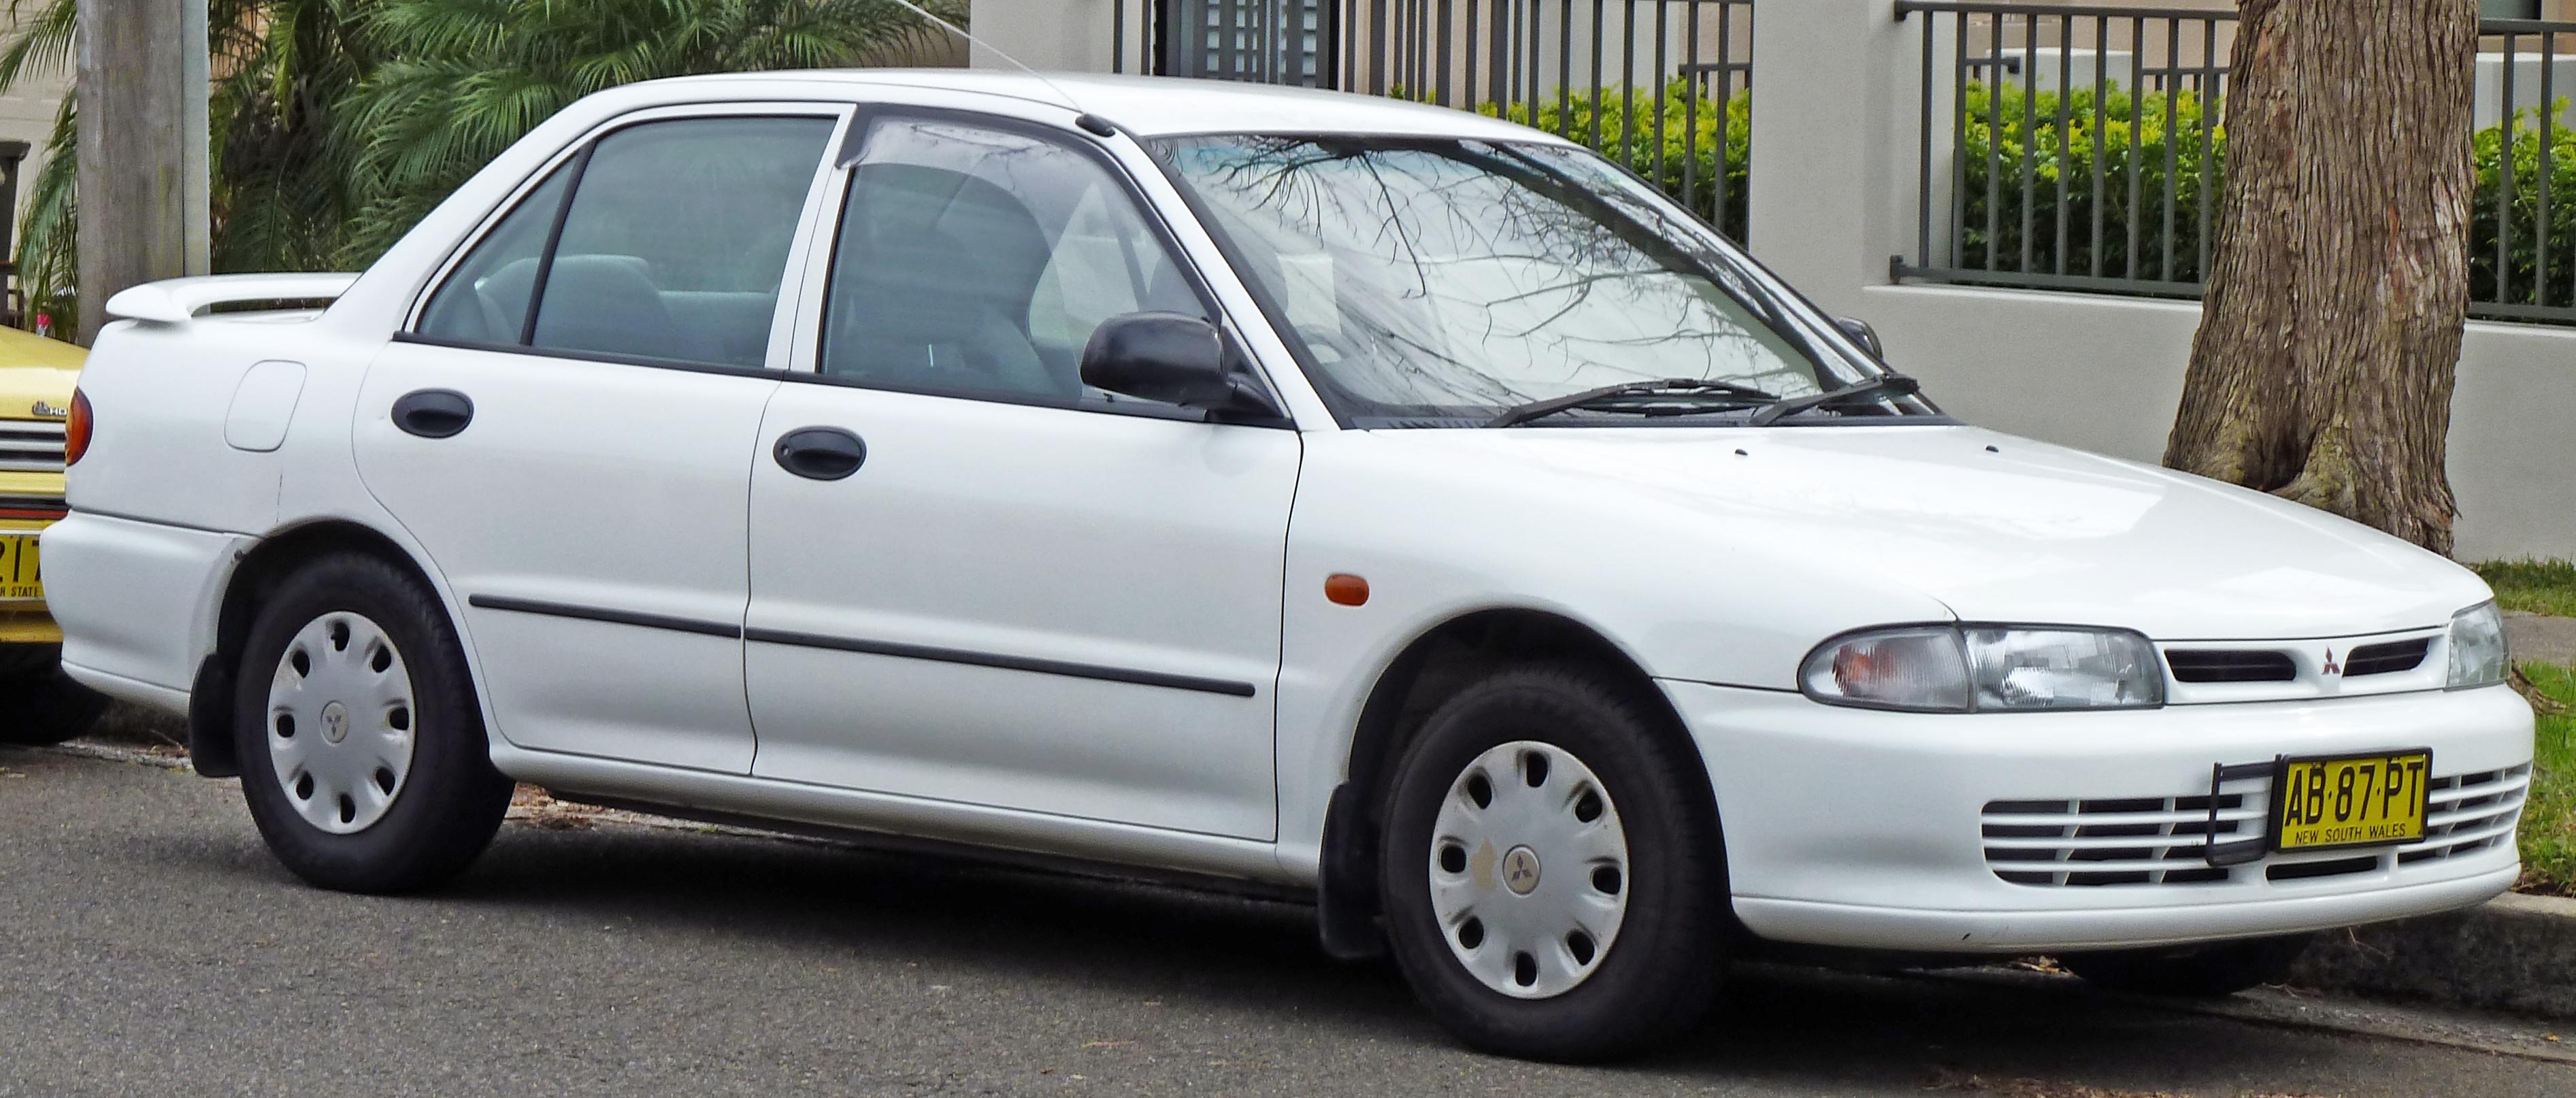 Mitsubishi Galant VII 1992 - 1996 Sedan #7